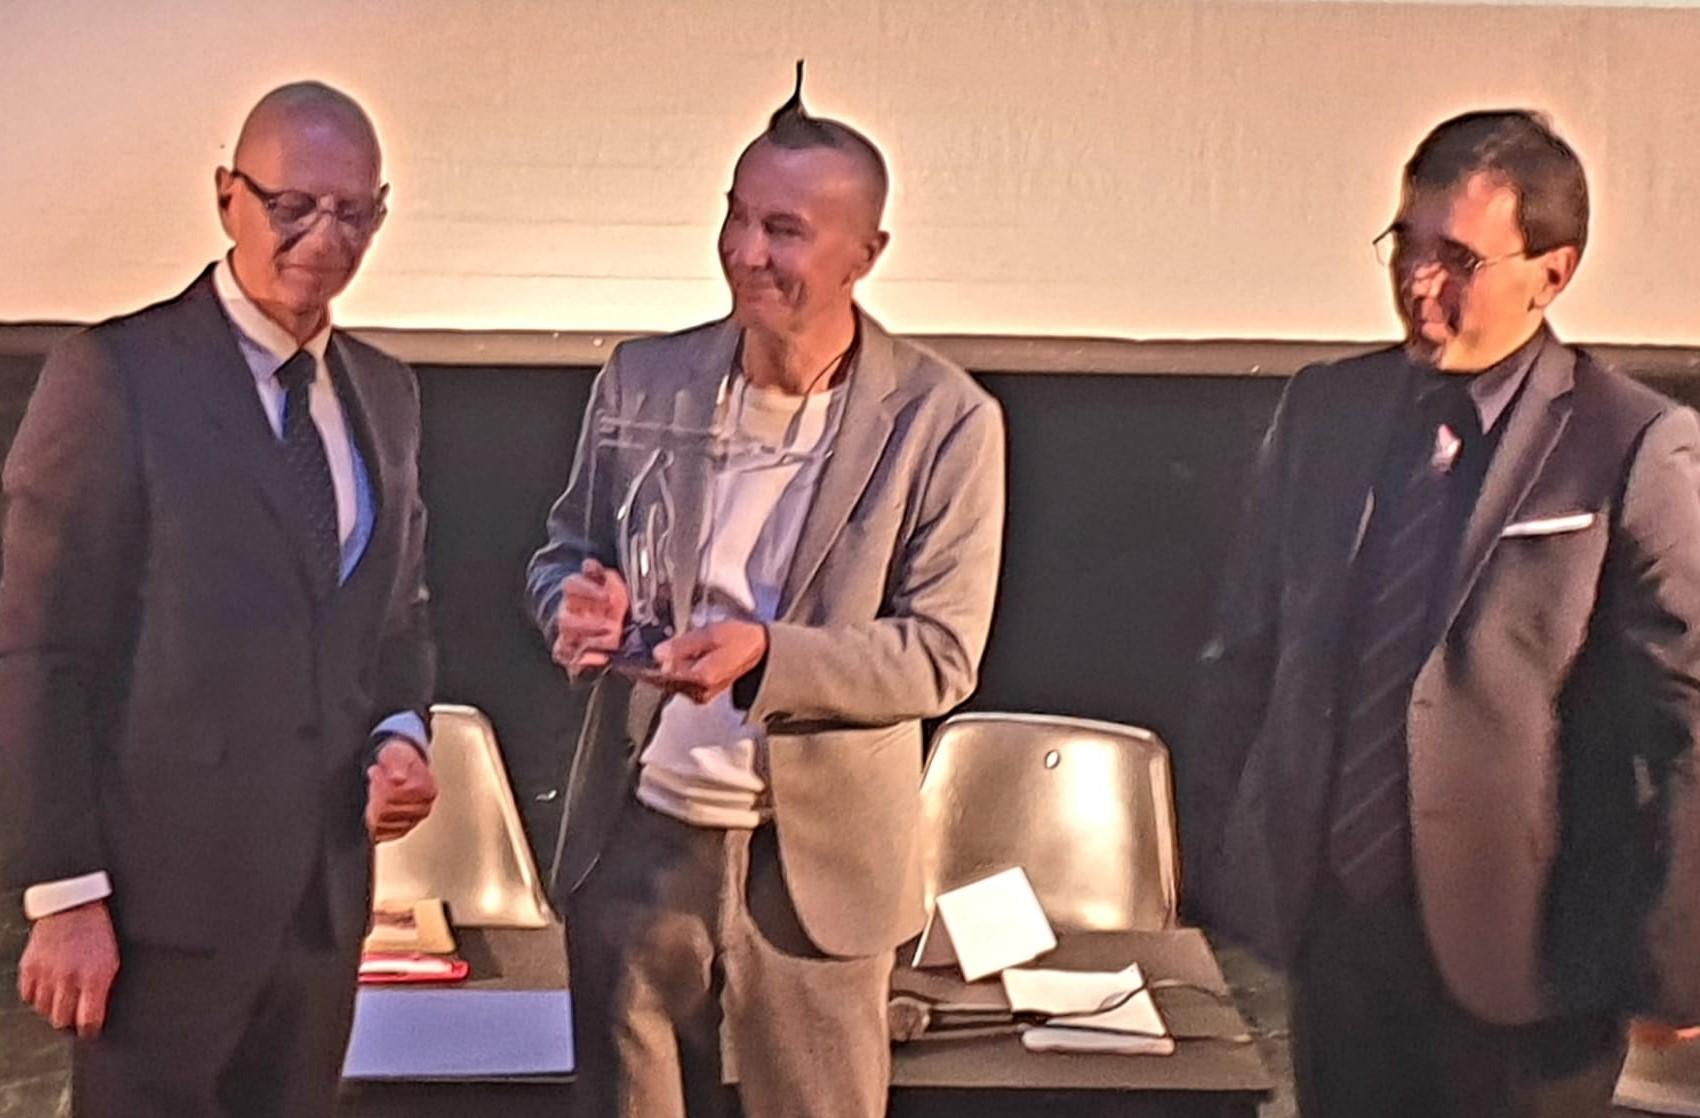 """Marco Ghitarrari consegna ad Arturo Brachetti il Premio internazionale """"Le cattedrali letterarie europee""""."""